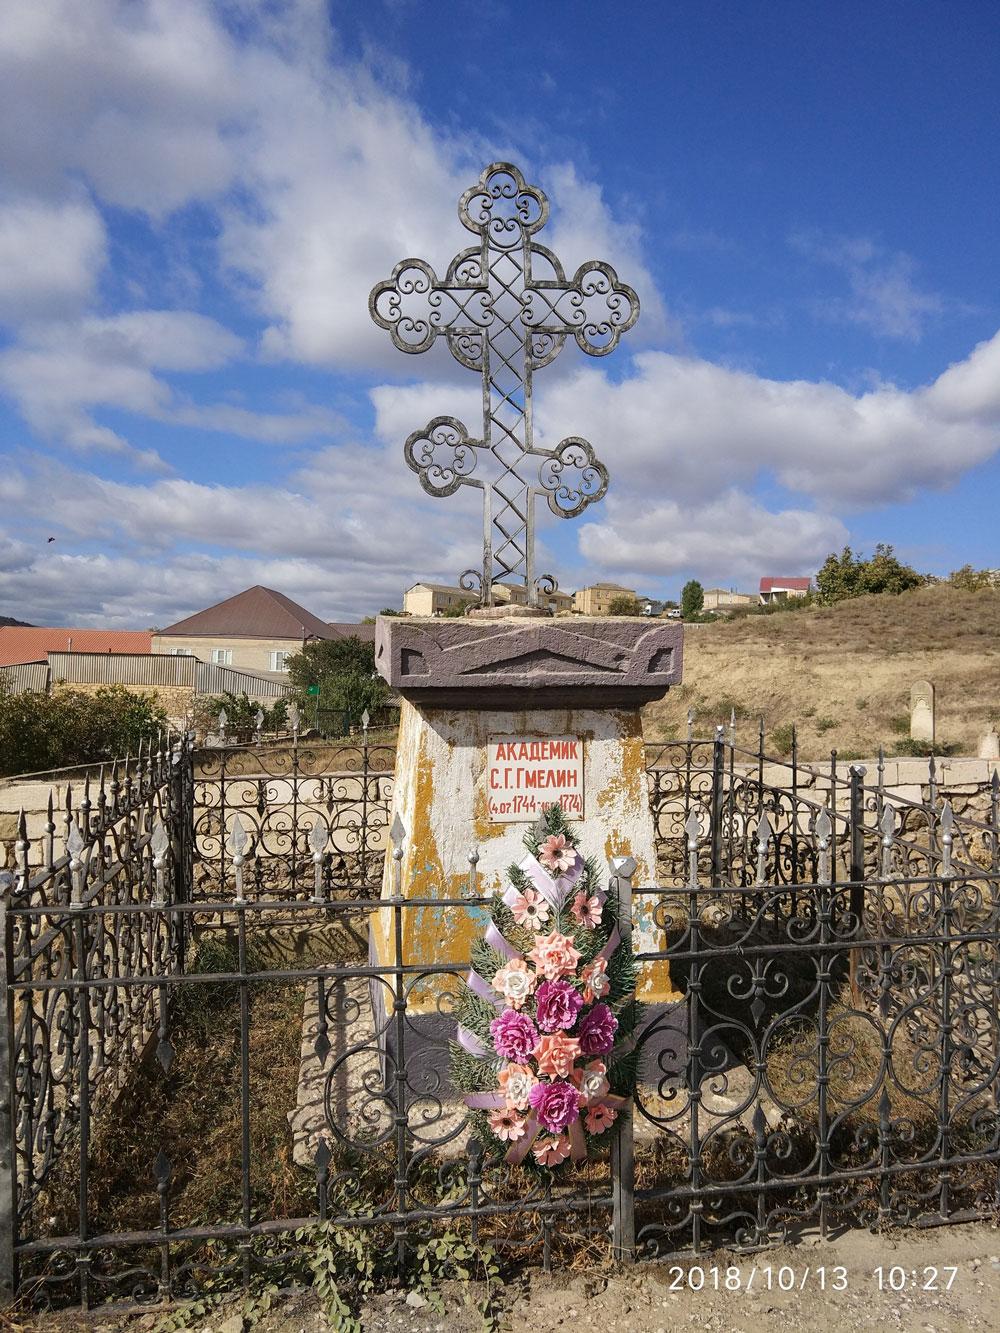 Могила С. Г. Гмелина (Дагестан). Фото Р. В. Новицкого, 13 октября 2018 года